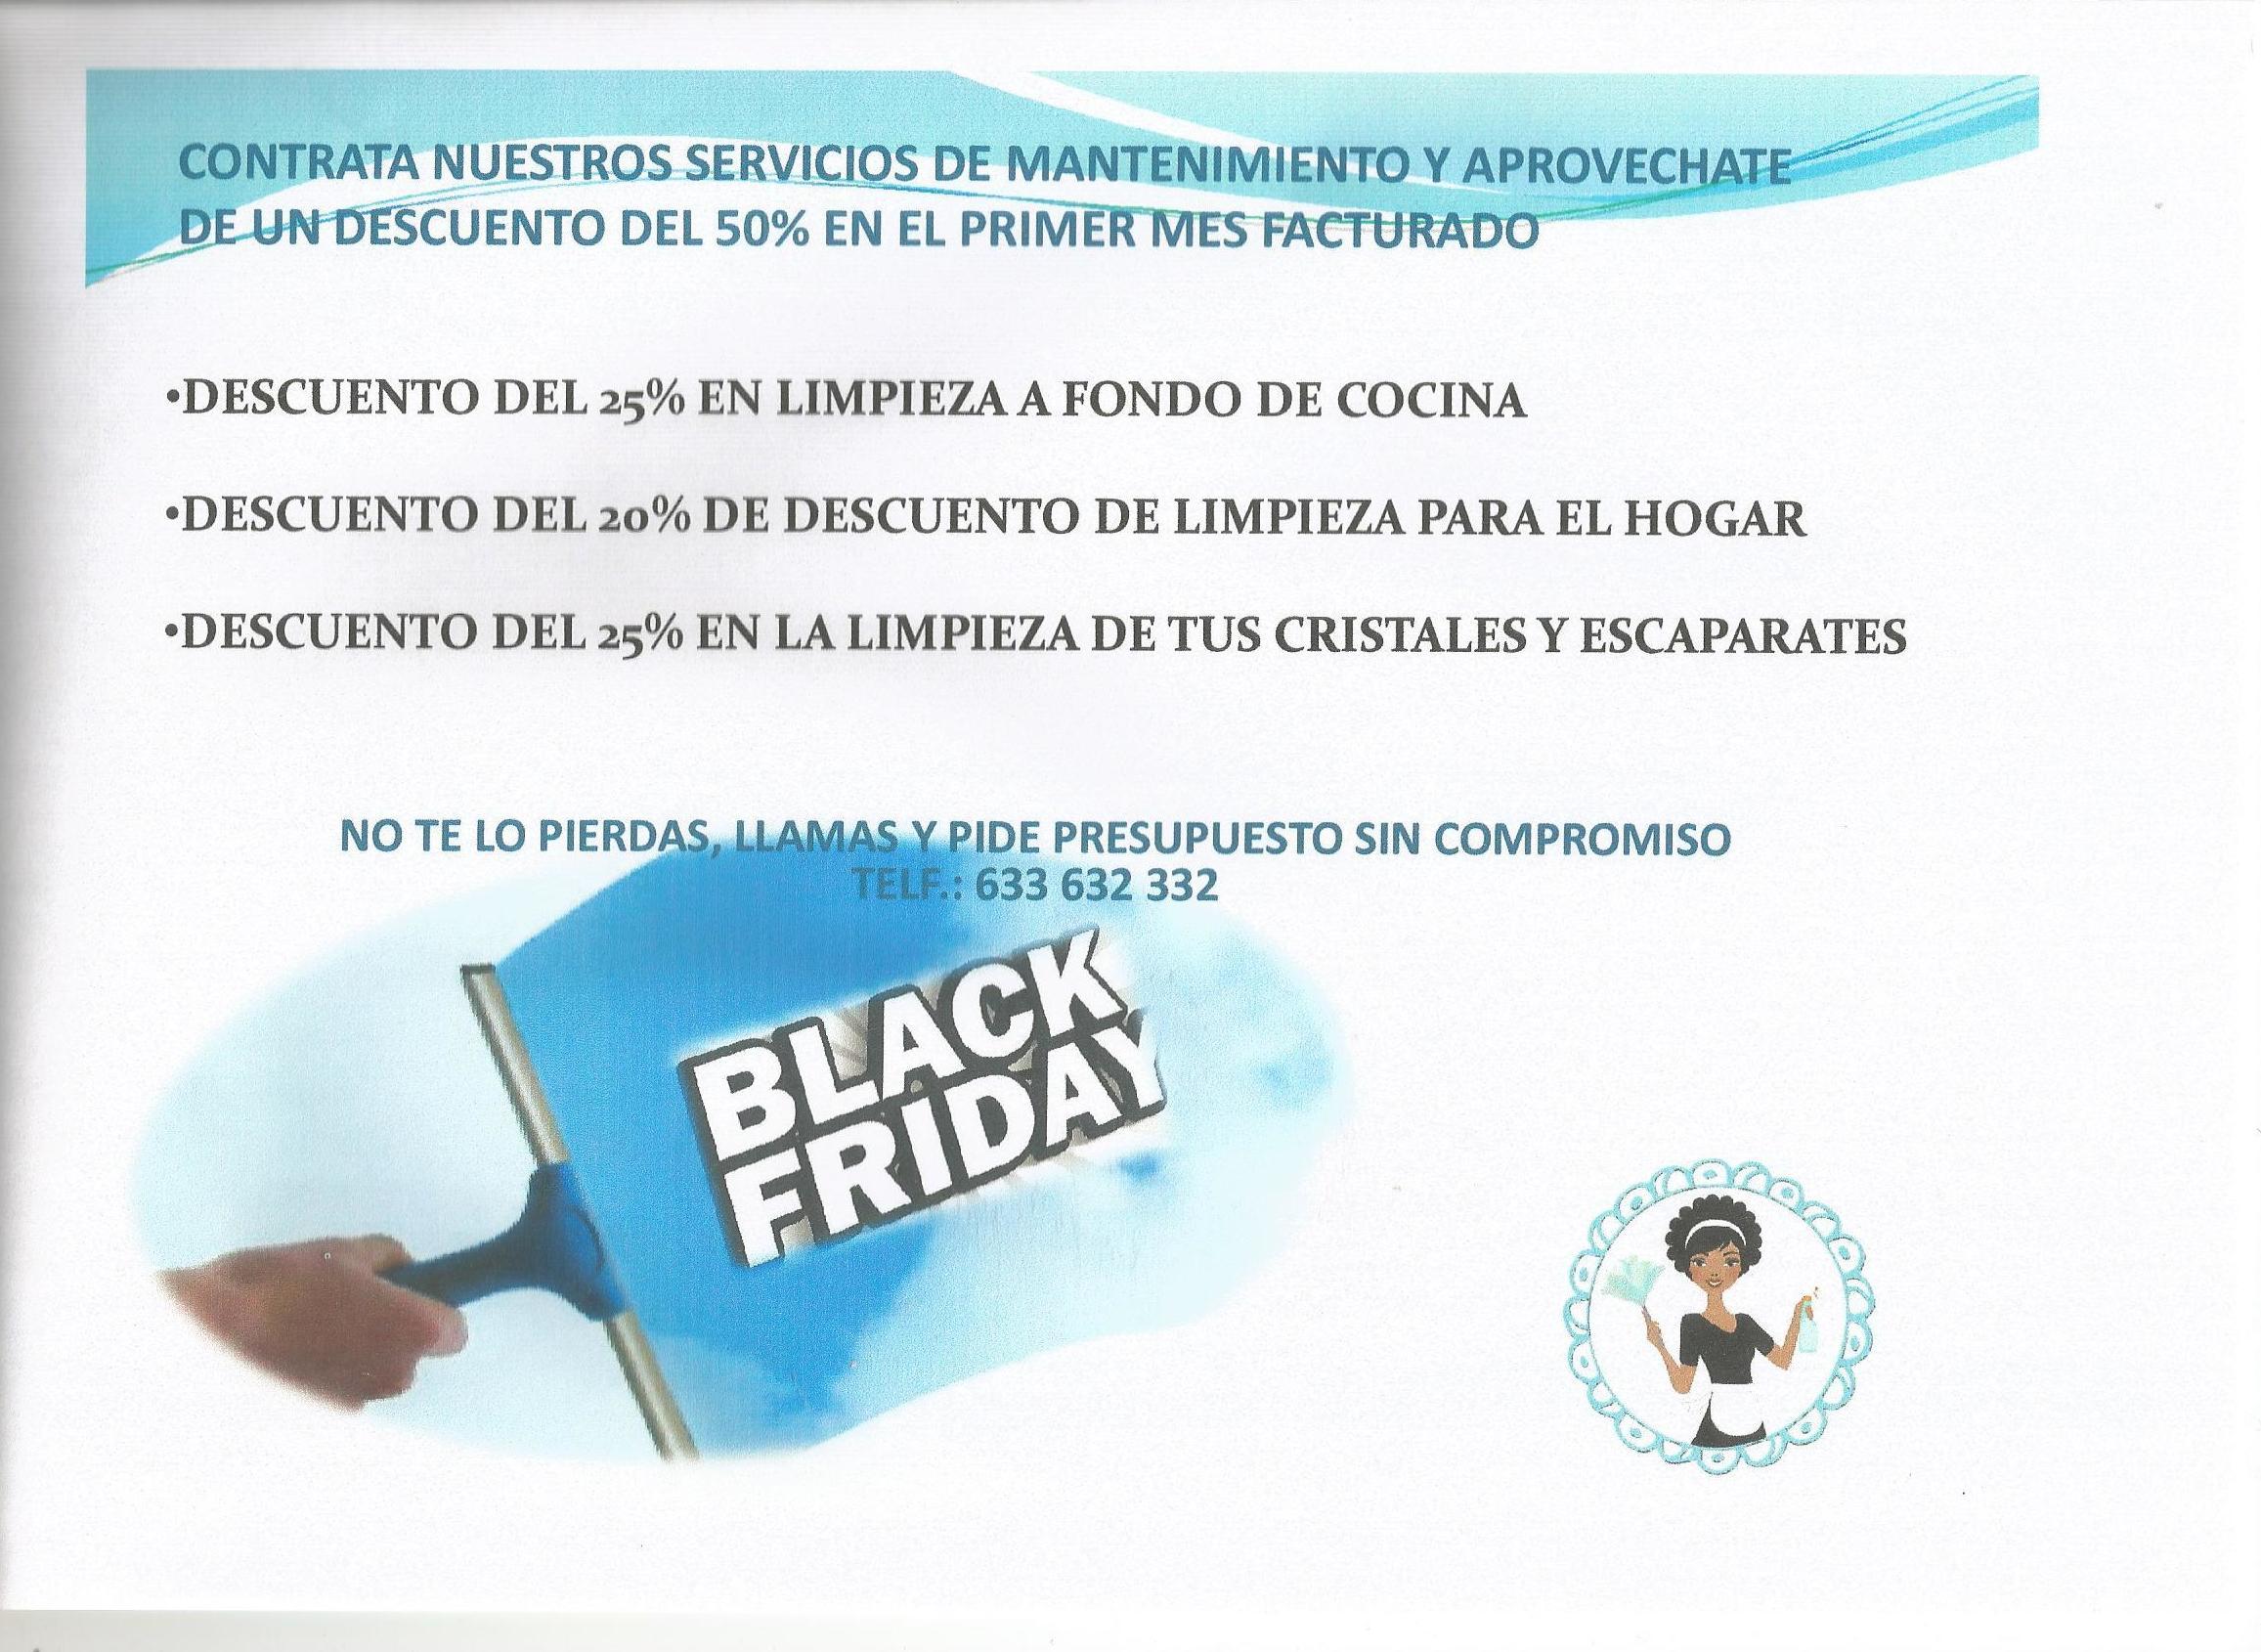 APROVECHAS EL BLACK FRIDAY DESDE EL 19 HASTA EL 25 DE NOVIEMBRE